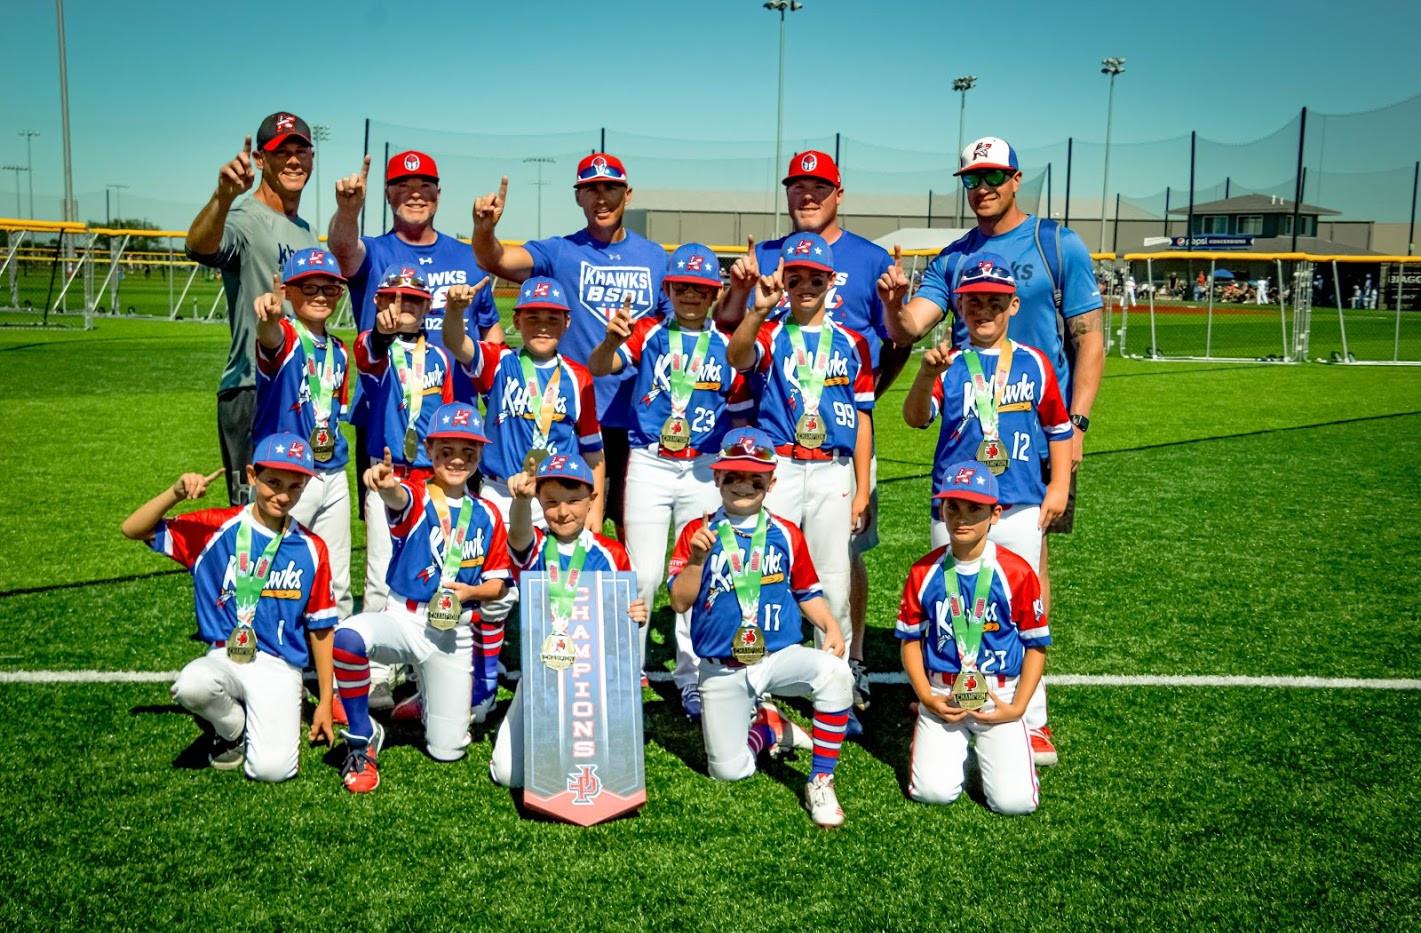 9U Mid West Turf Champions